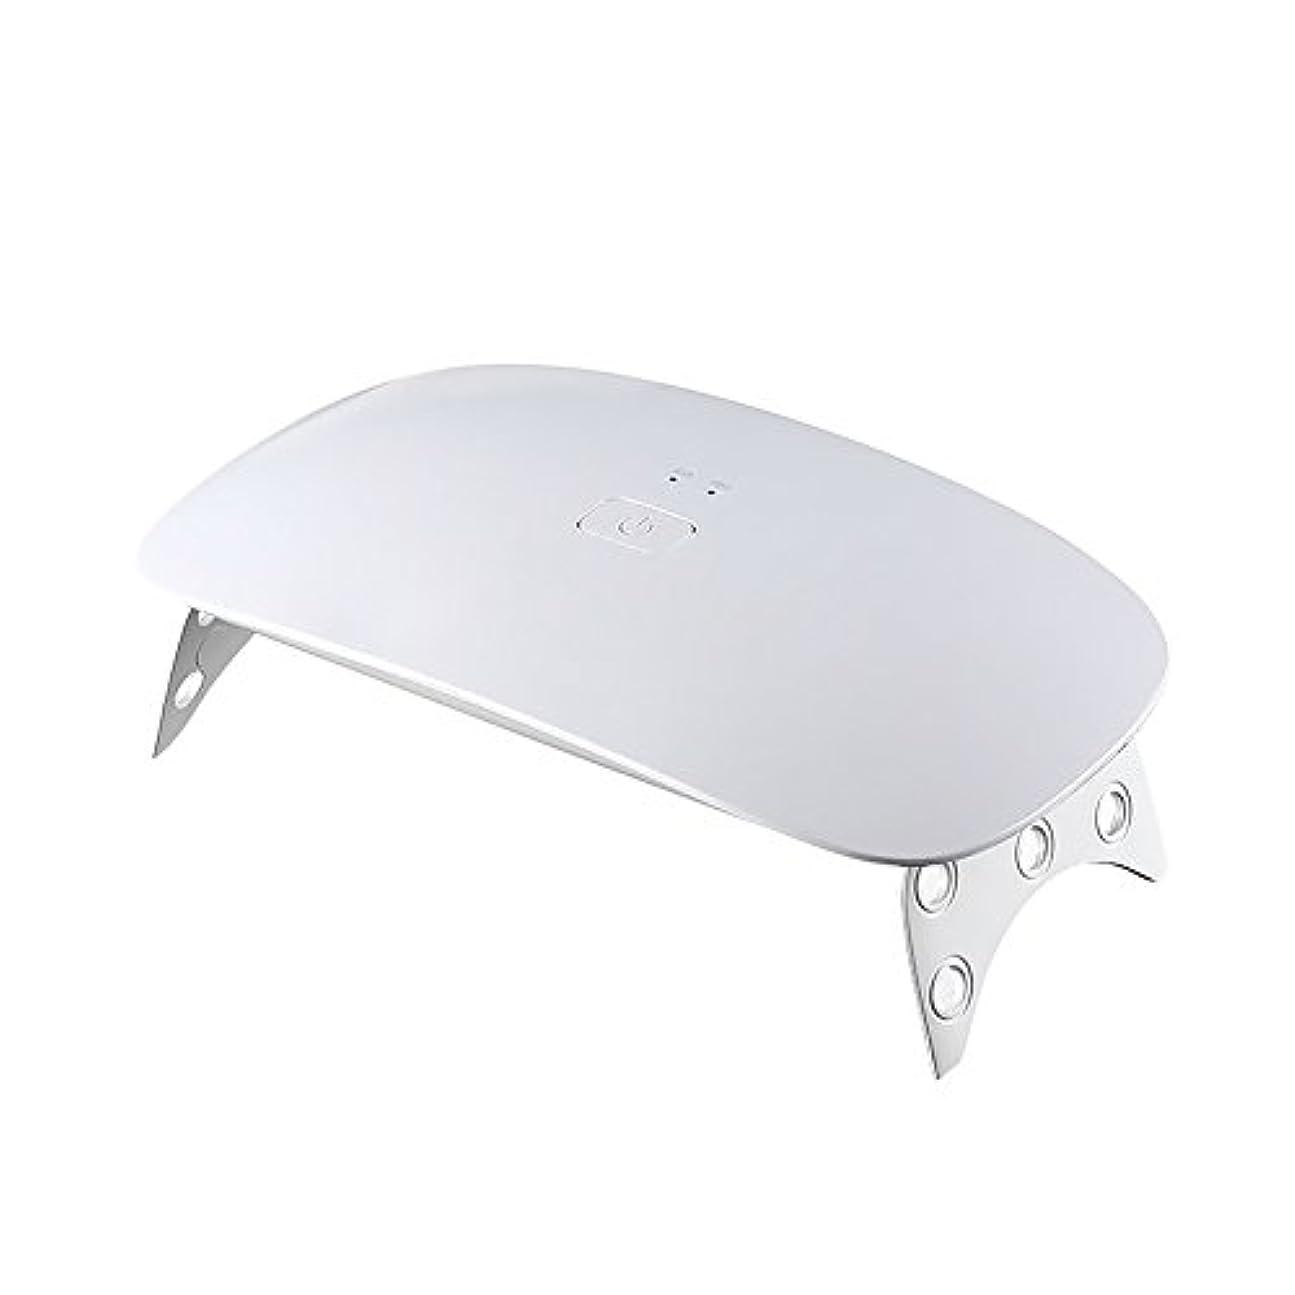 流産論理的手のひらOurine ジェルネイルライト LEDネイルドライヤー UVライト ネイルライト 手足両用 速乾 タイマー設定可能 時間設定 180度照射 折りたたみ 携帯便利